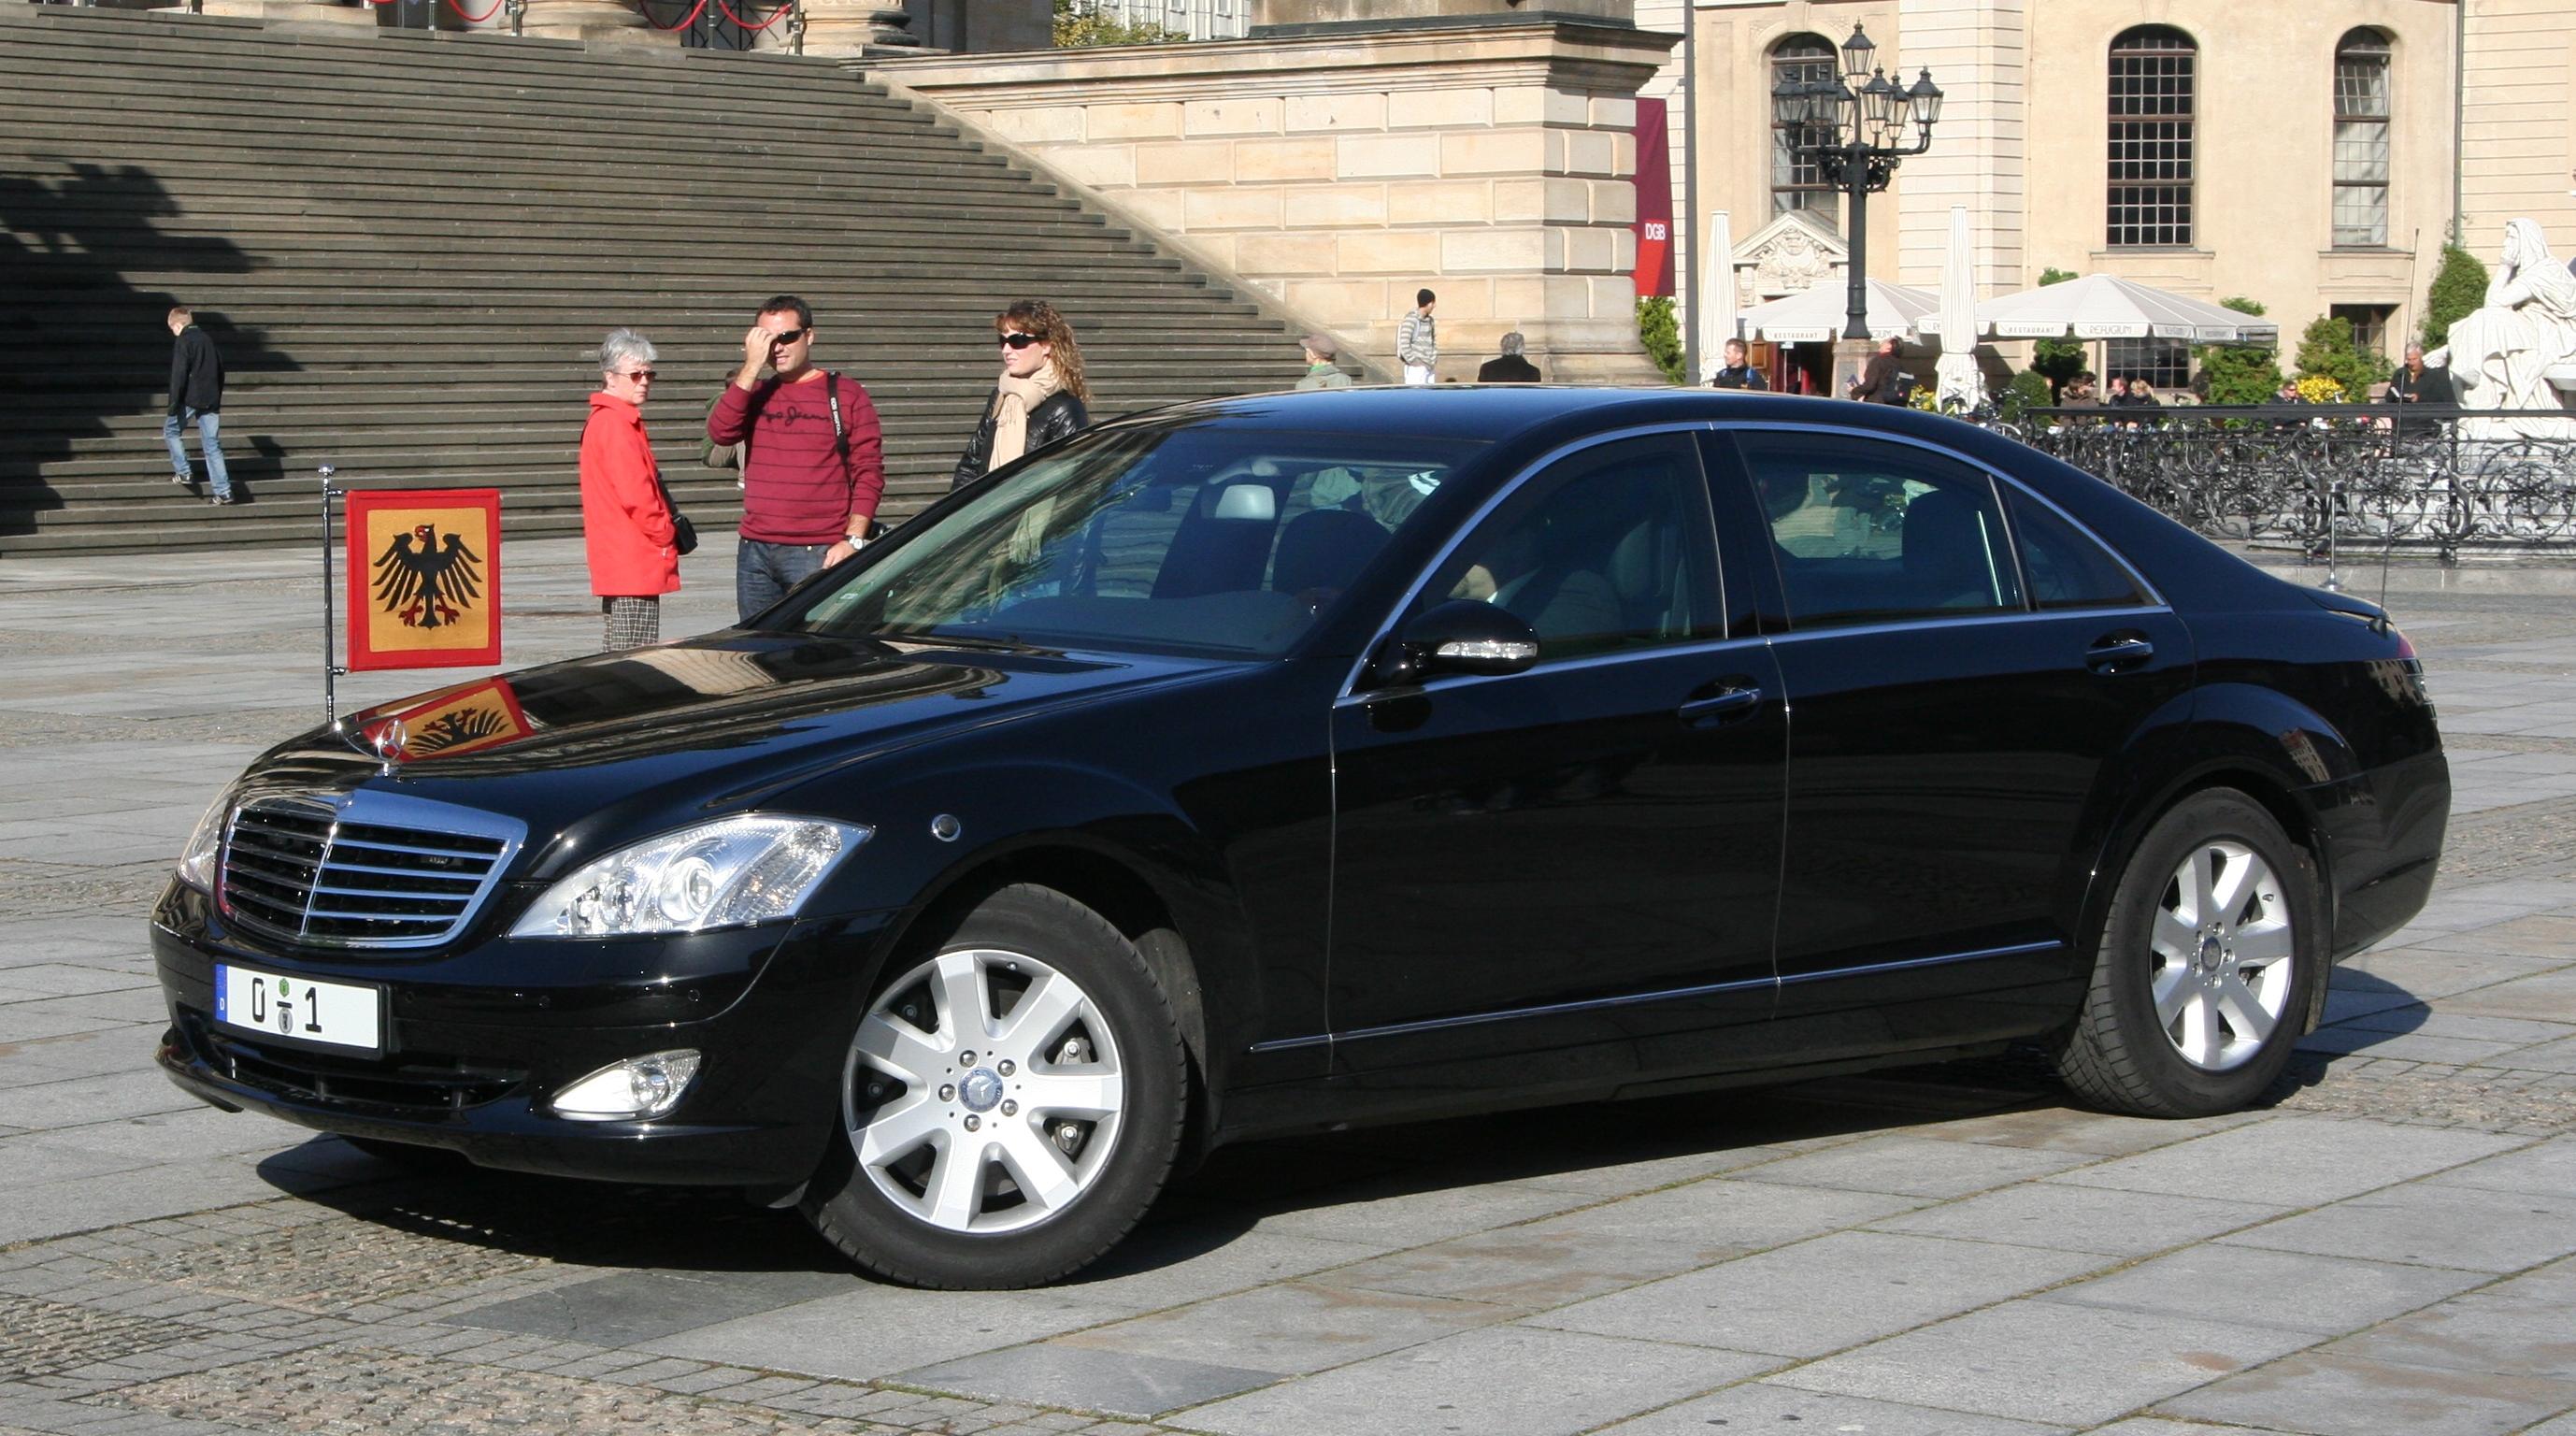 Image result for wikimedia commons mercedes limousine merkel